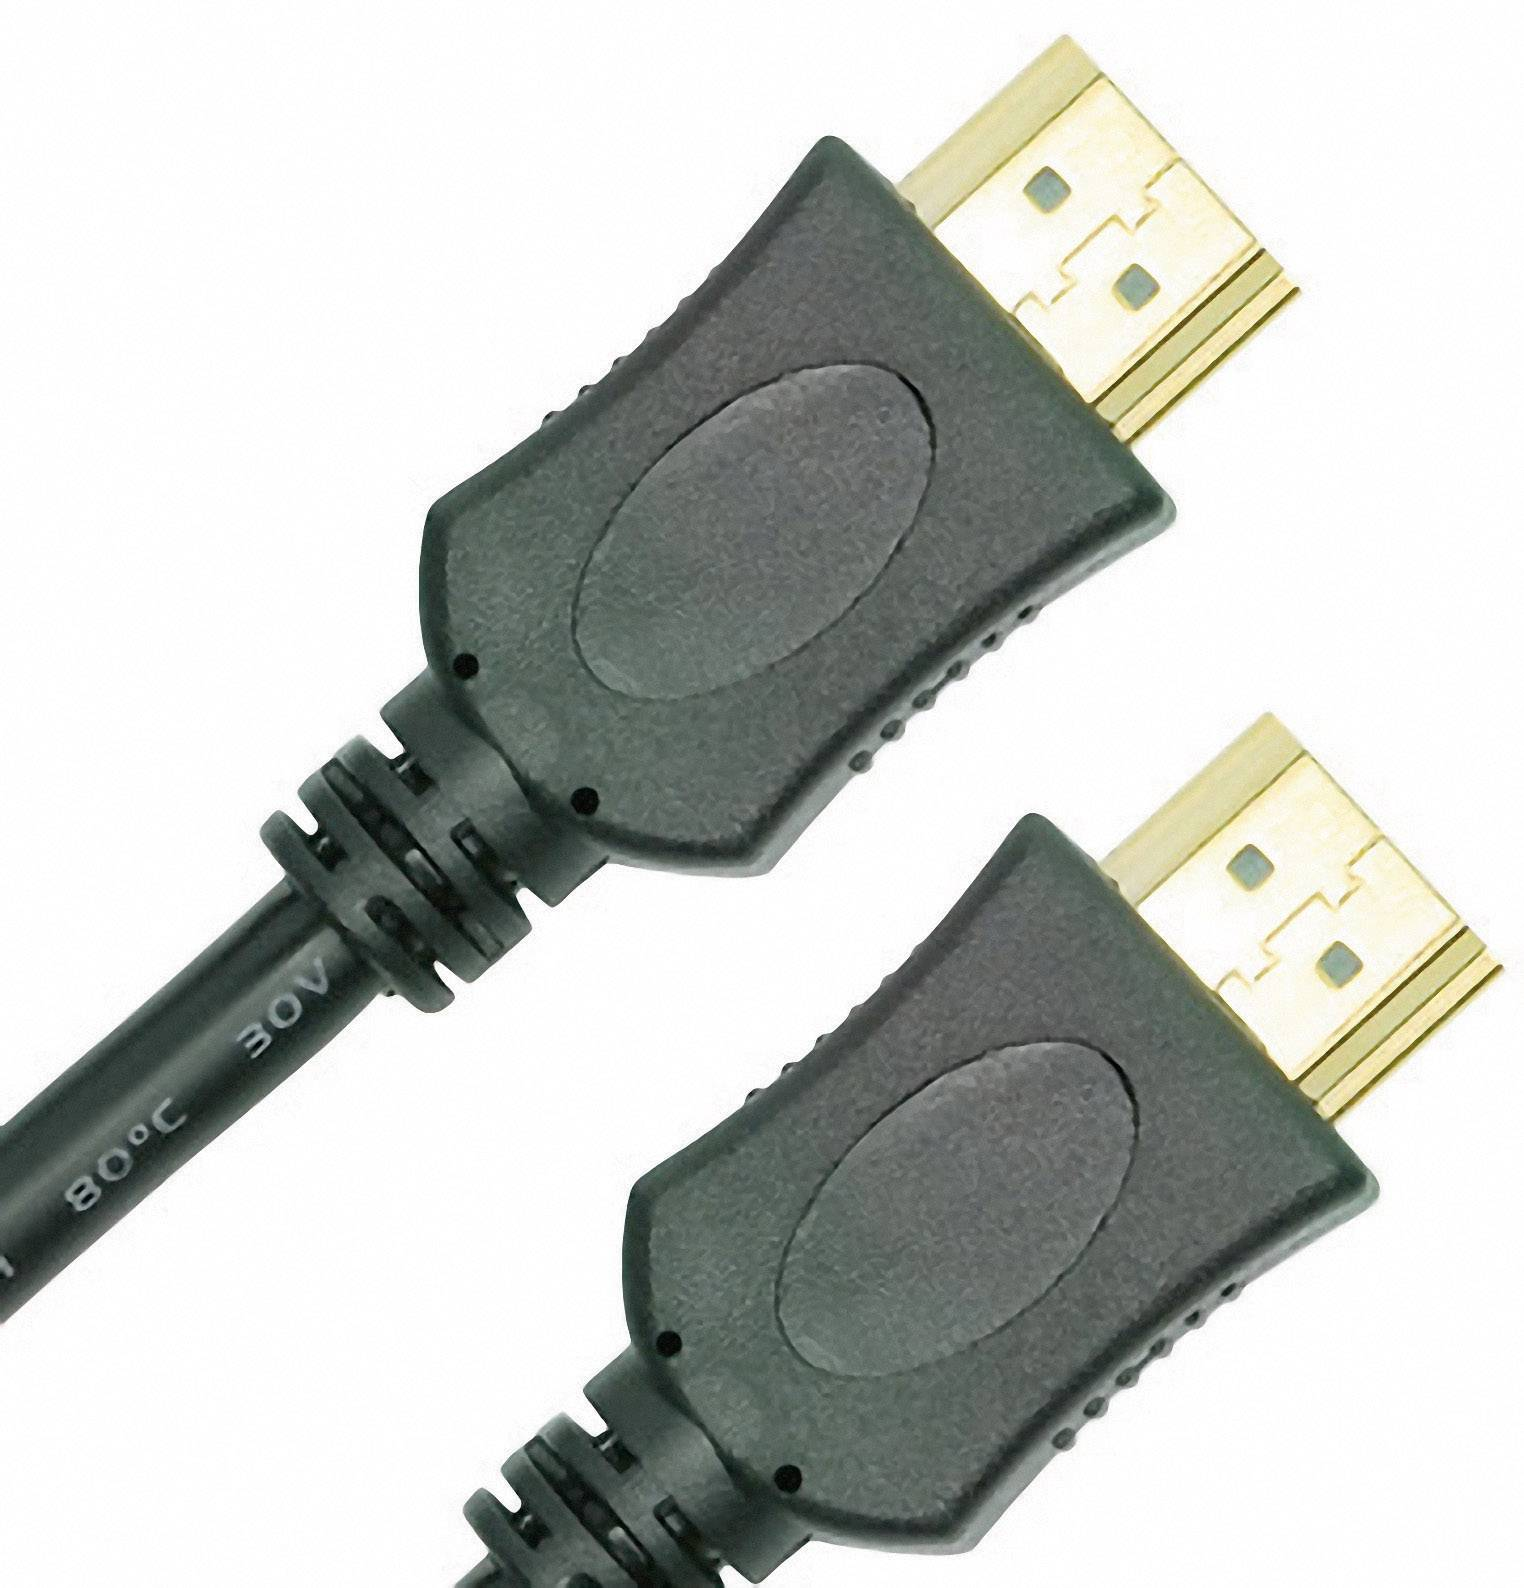 HDMI připojovací kabel, zástrčka/zástrčka, 1 m, černý